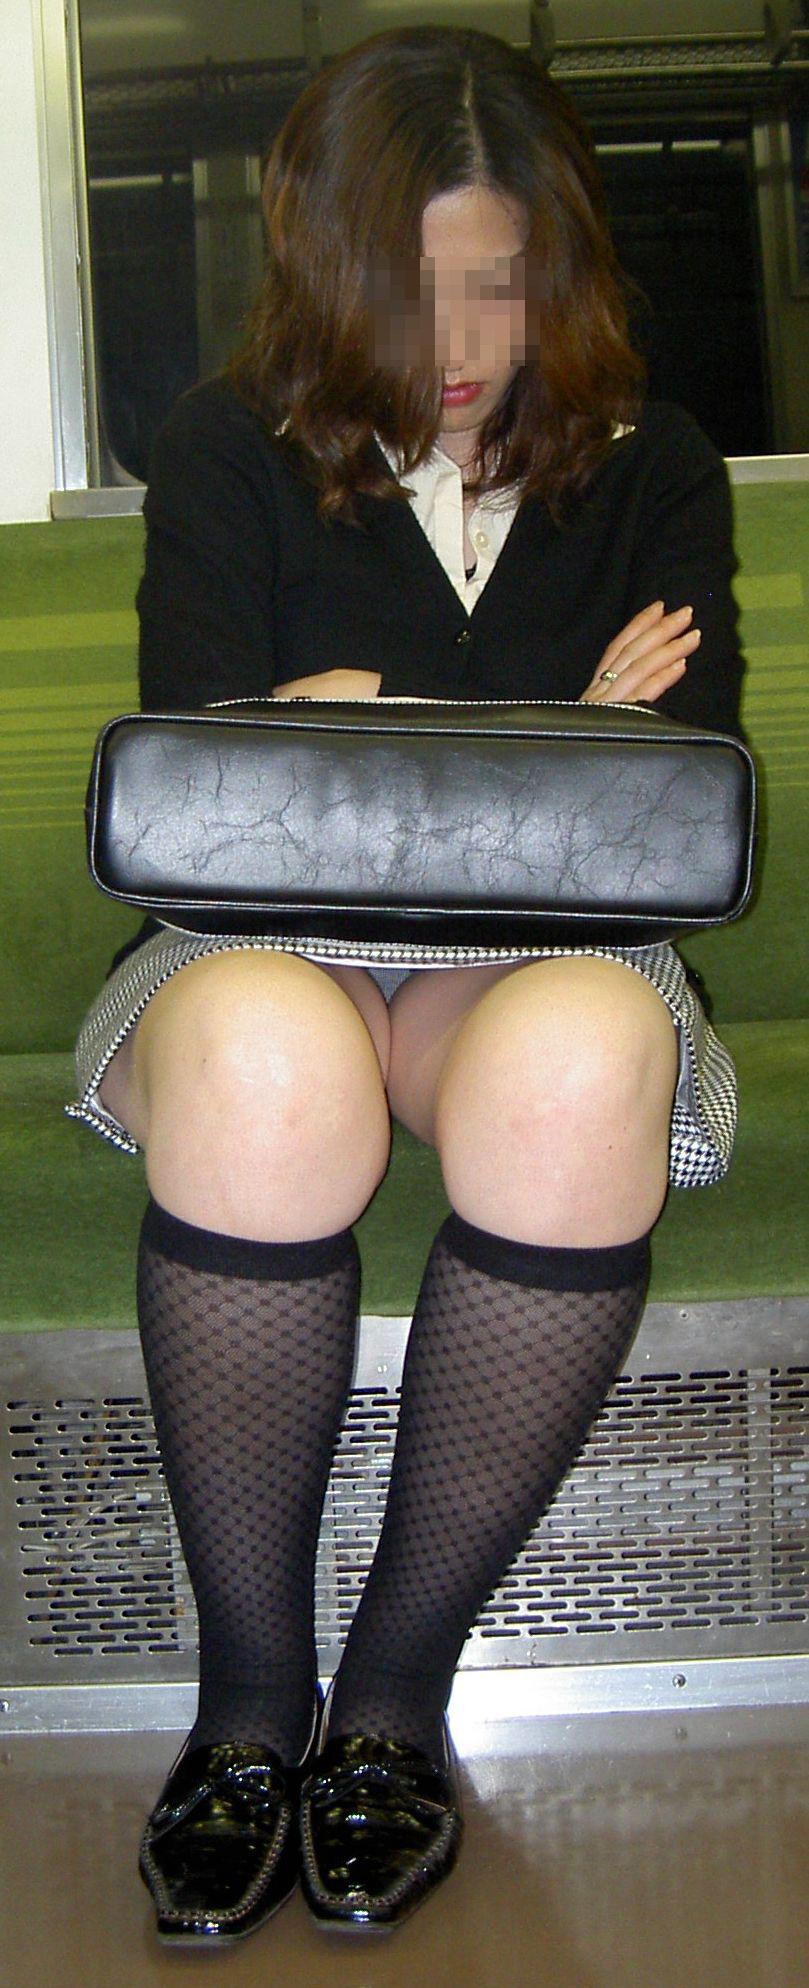 熟女の太もも奥に見えた下着を隠し撮り!